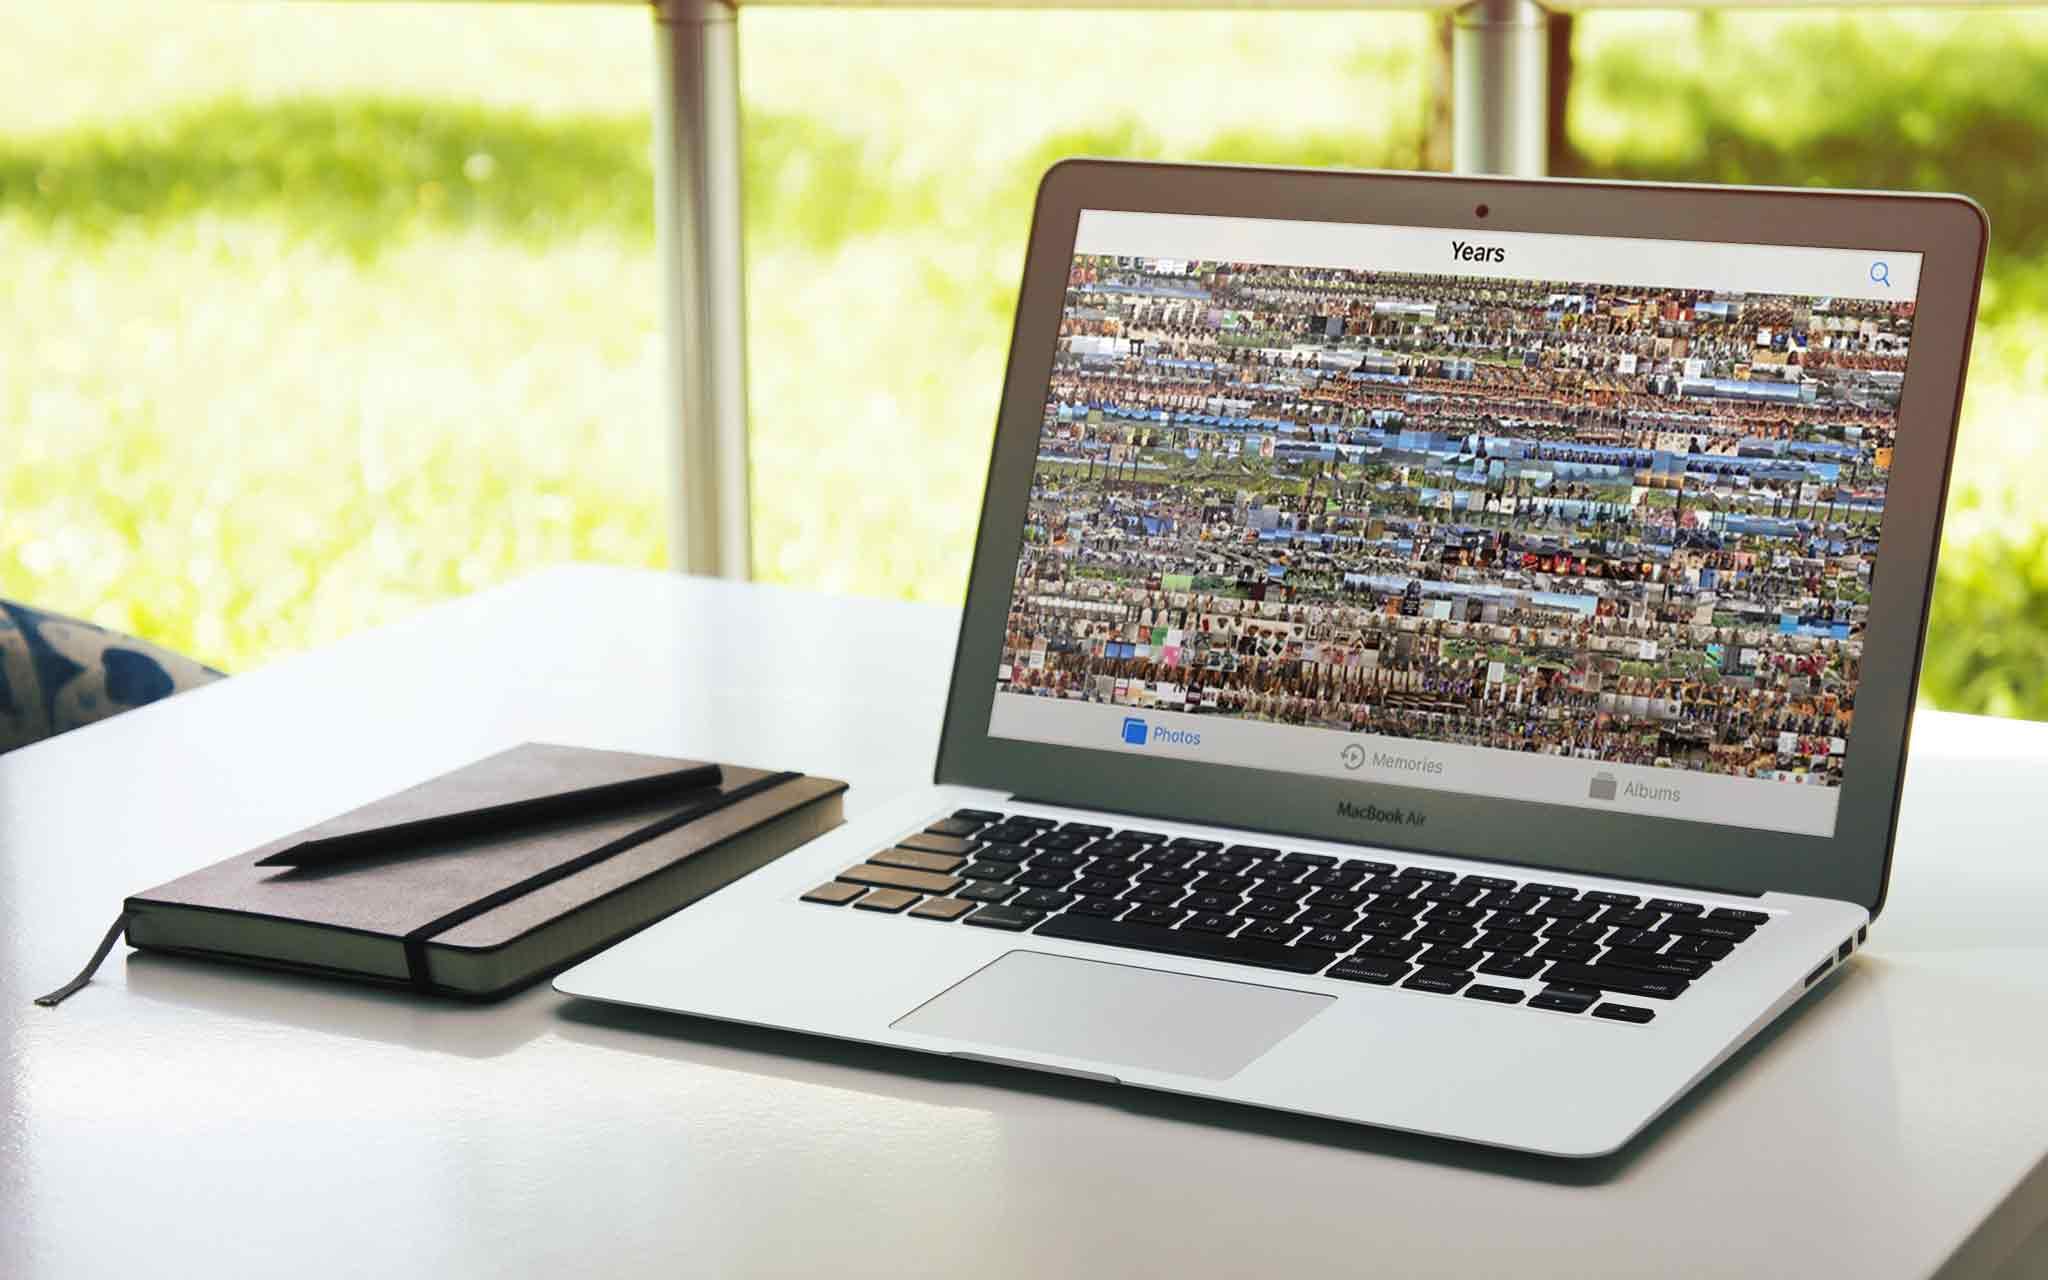 PhotoOrganization_Screenshotexample